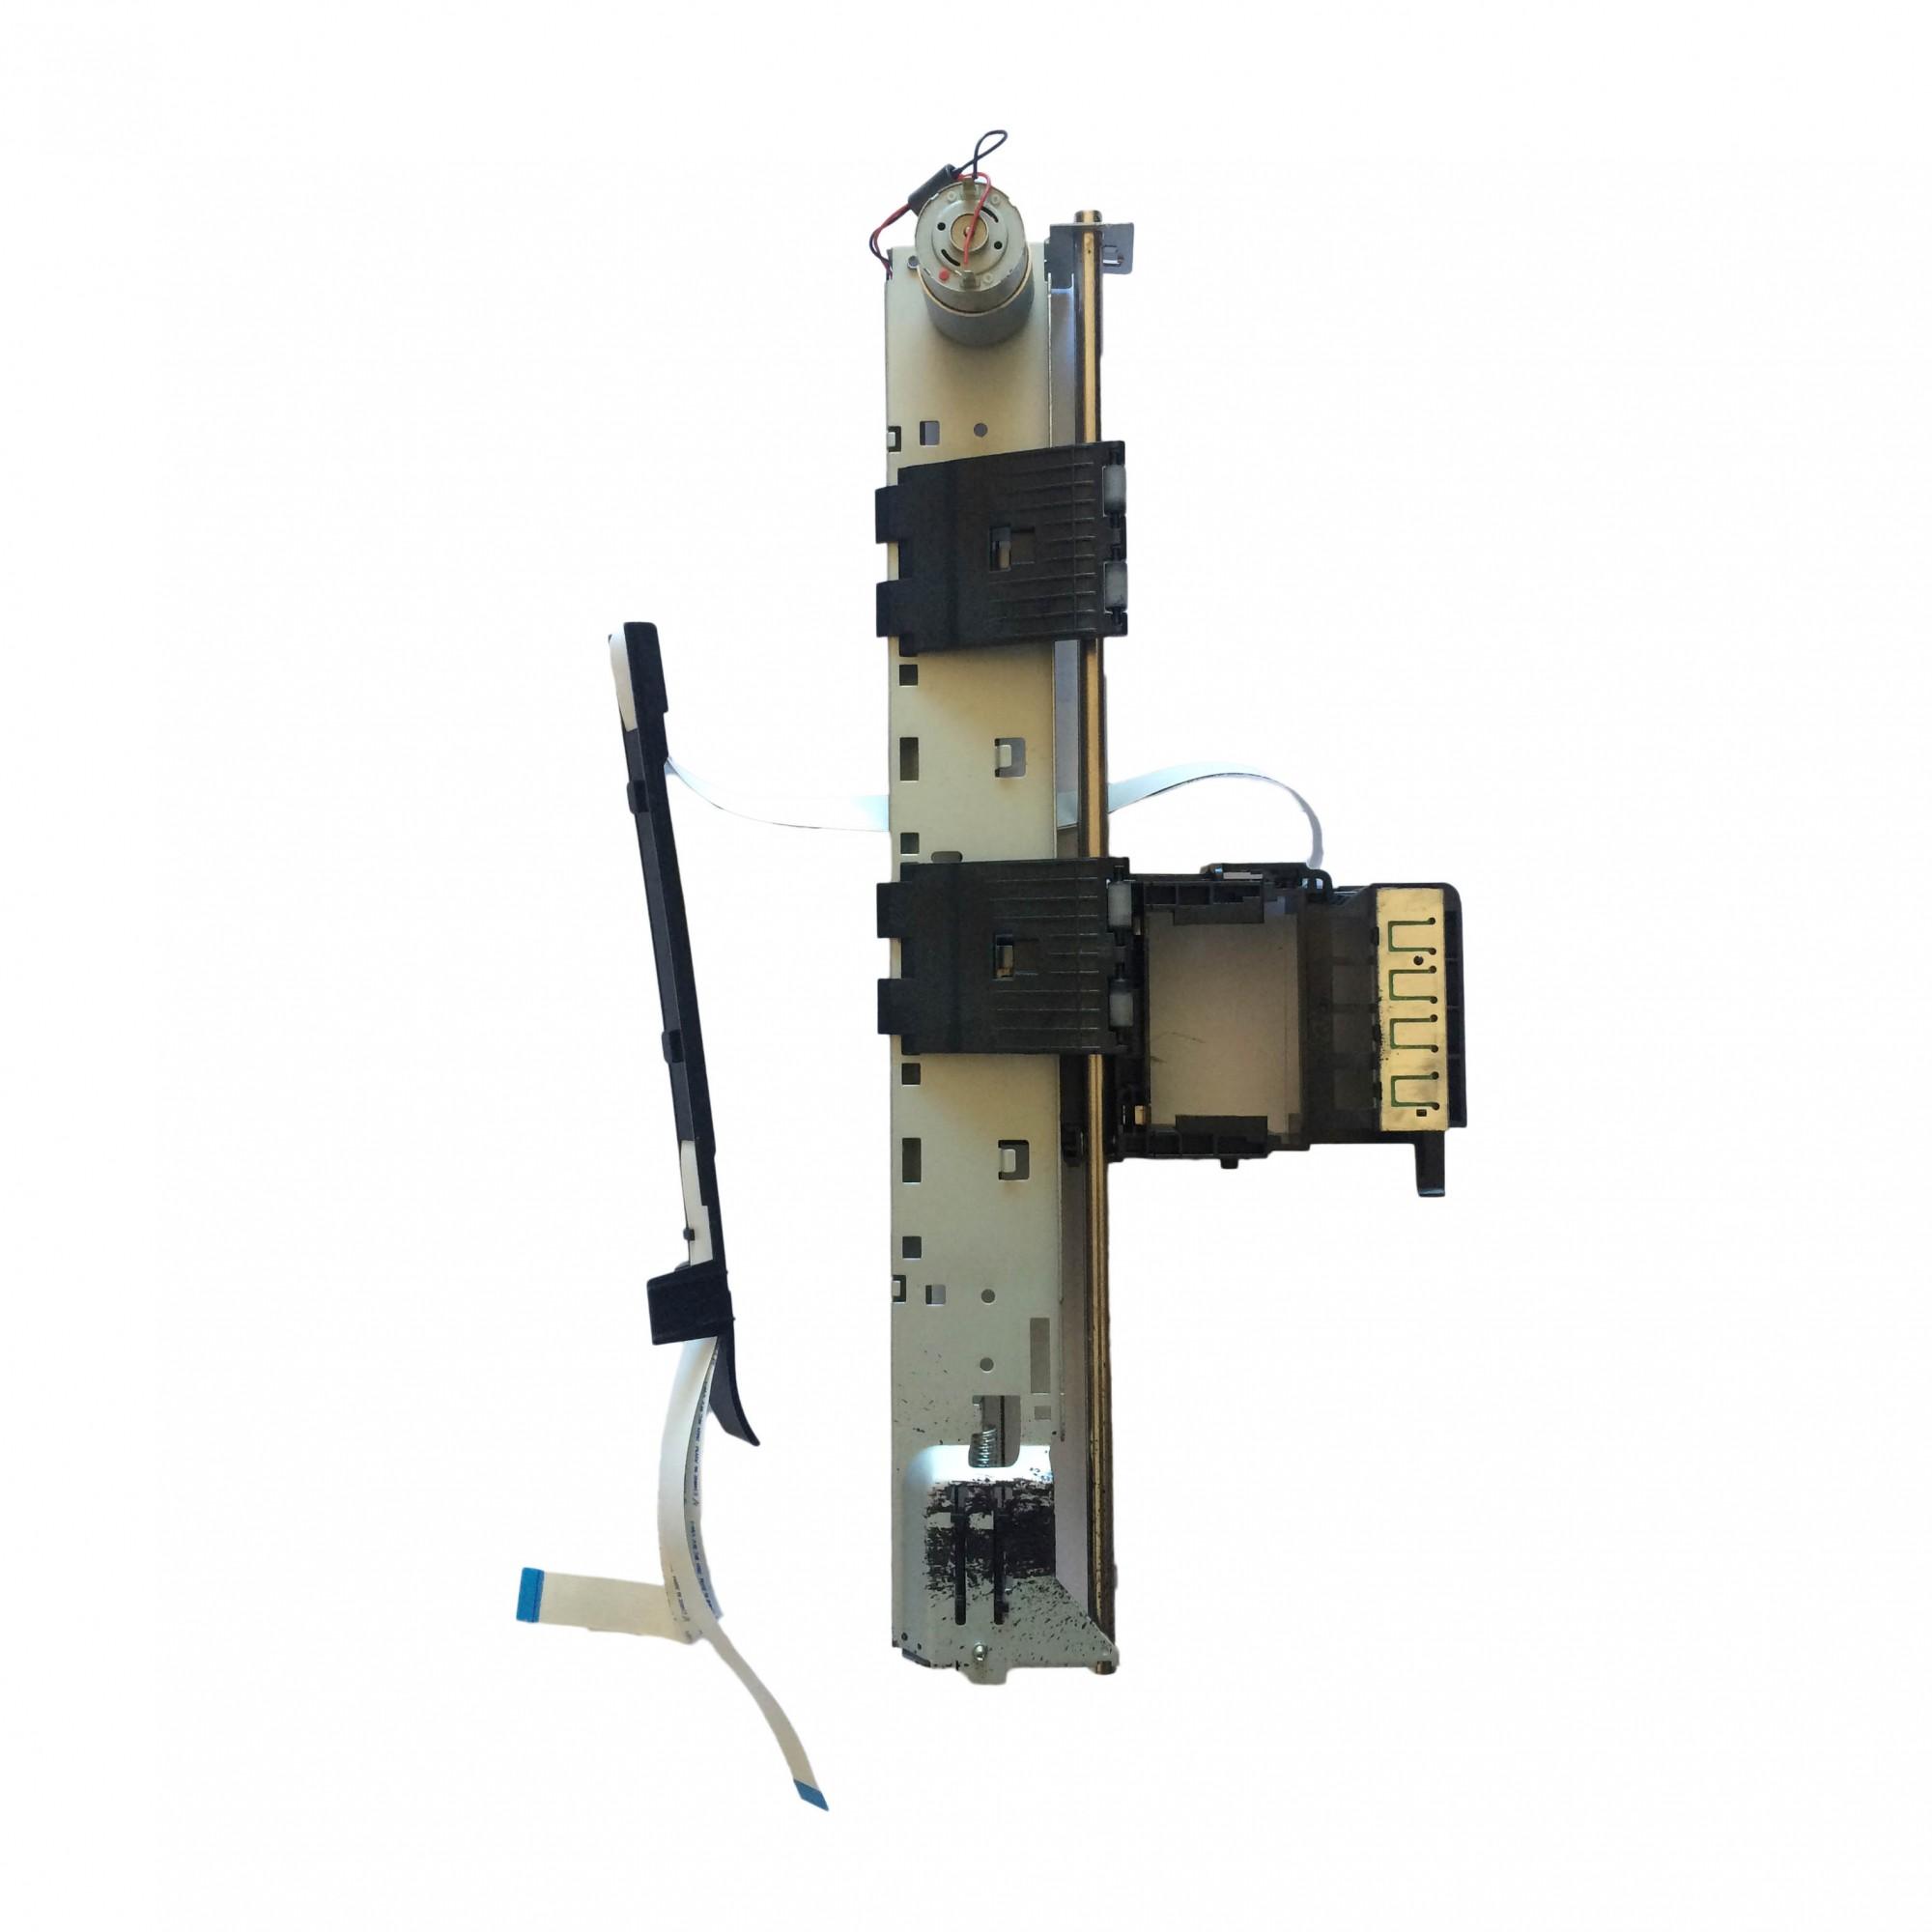 Carro de Impressão +Mecanismo e Cabo Flat HP 934 935 Officejet Pro 6220 6230 6830 6820 6815 6812 6835 PN:cq163-200014 - Retirado